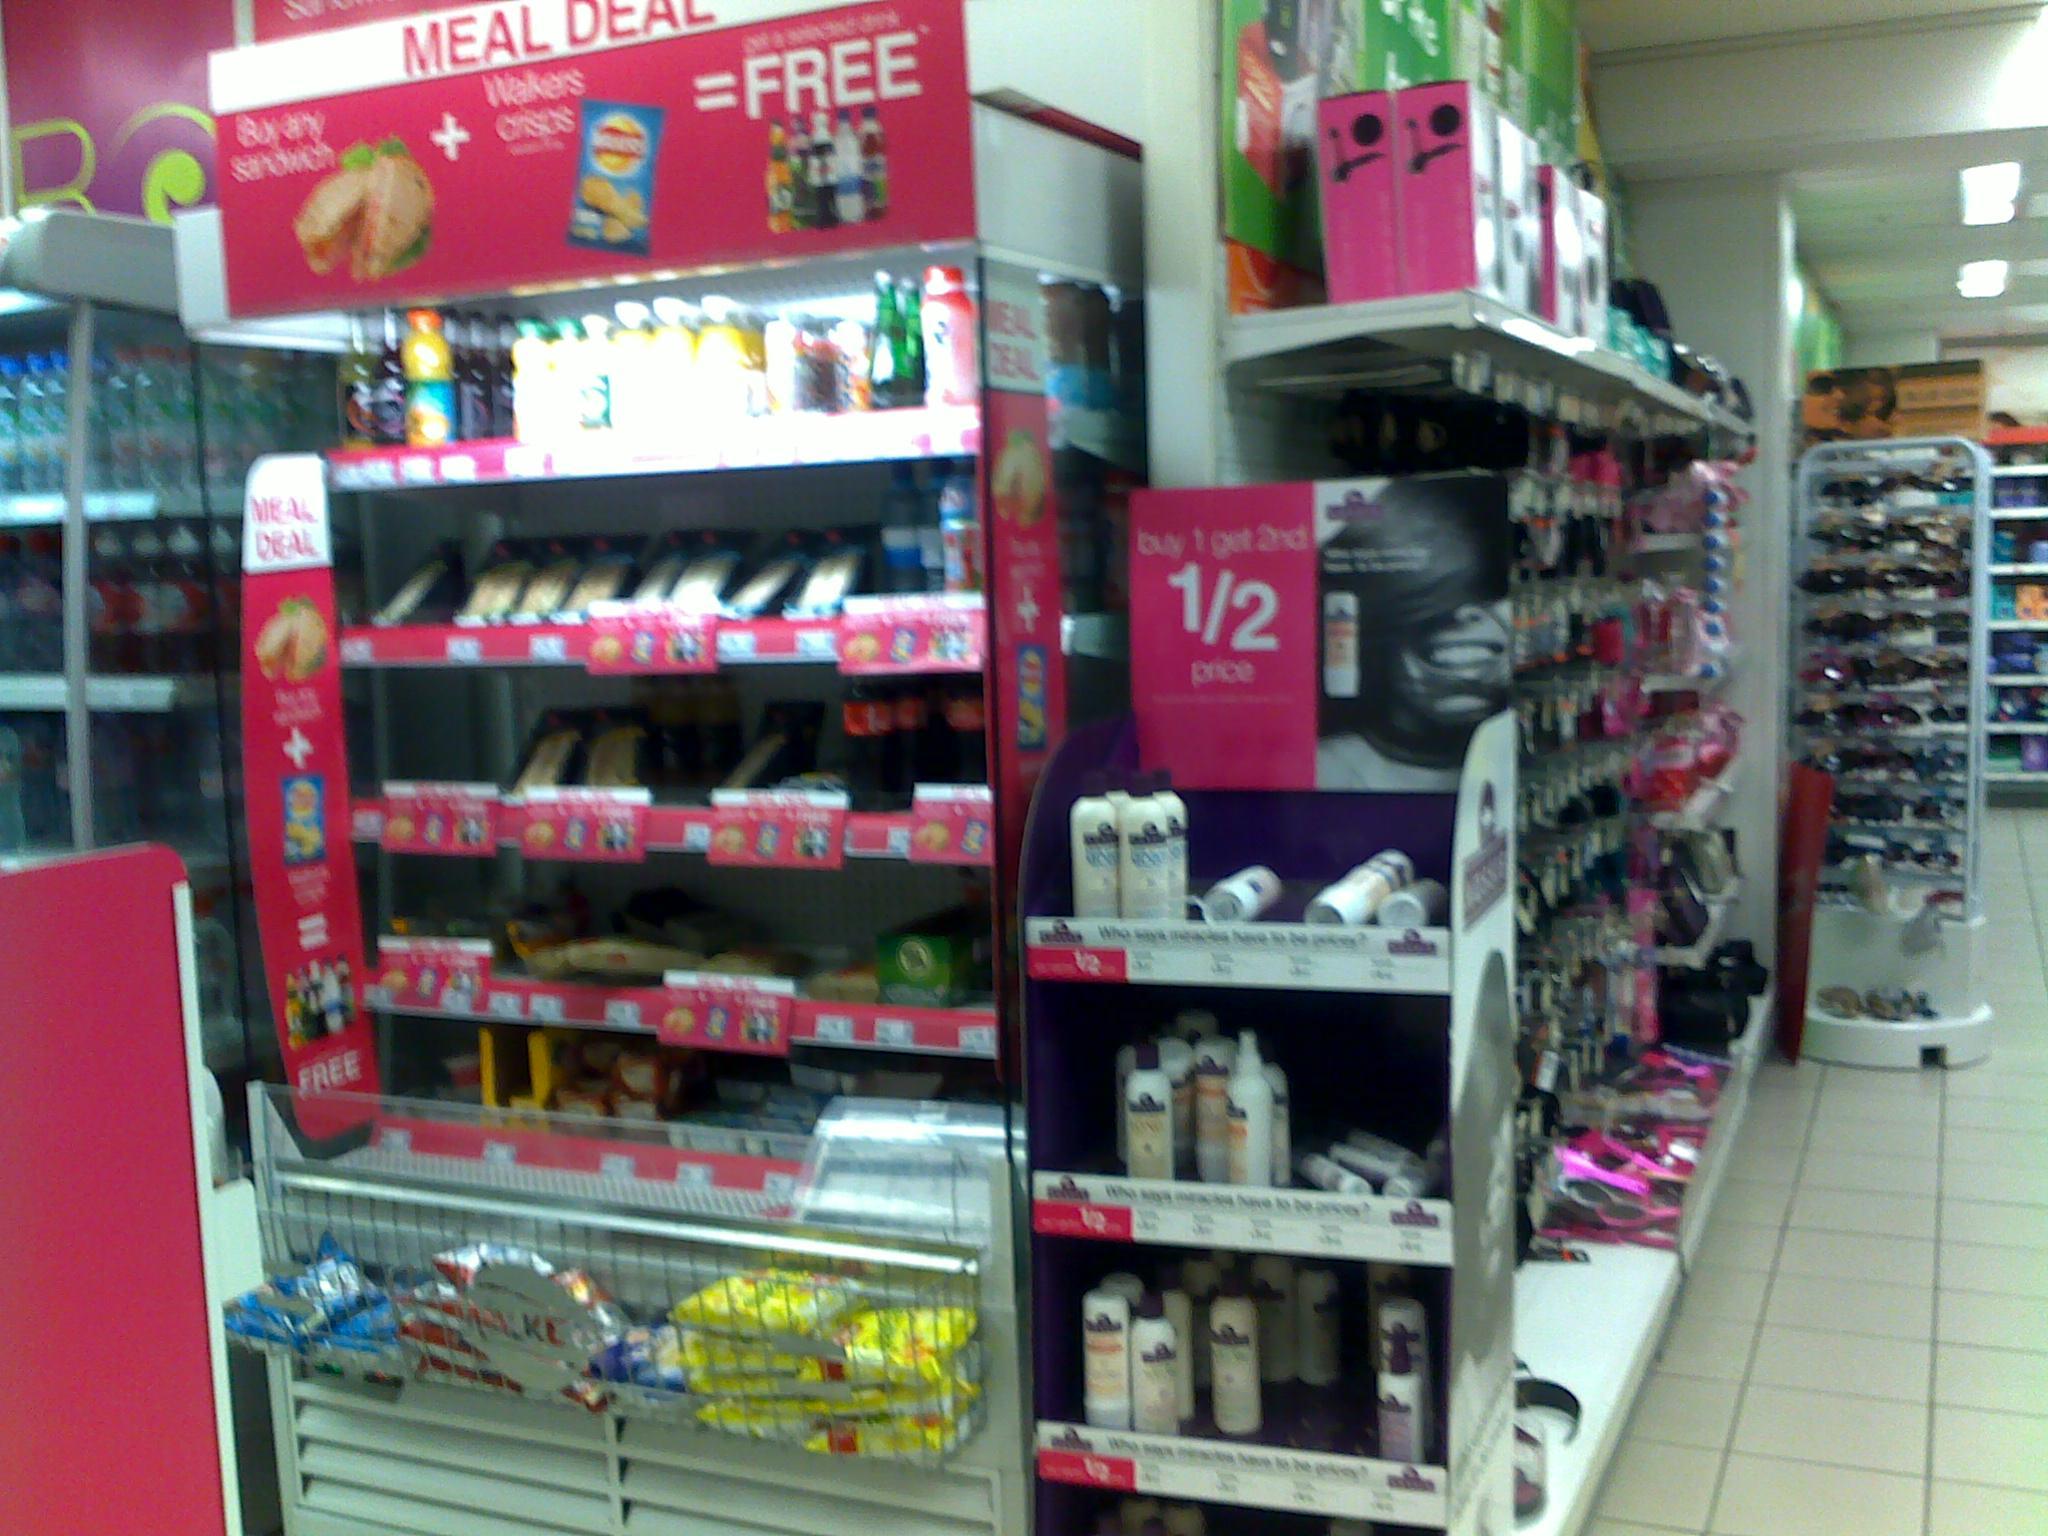 Market Market Department Store Department Store in Bath